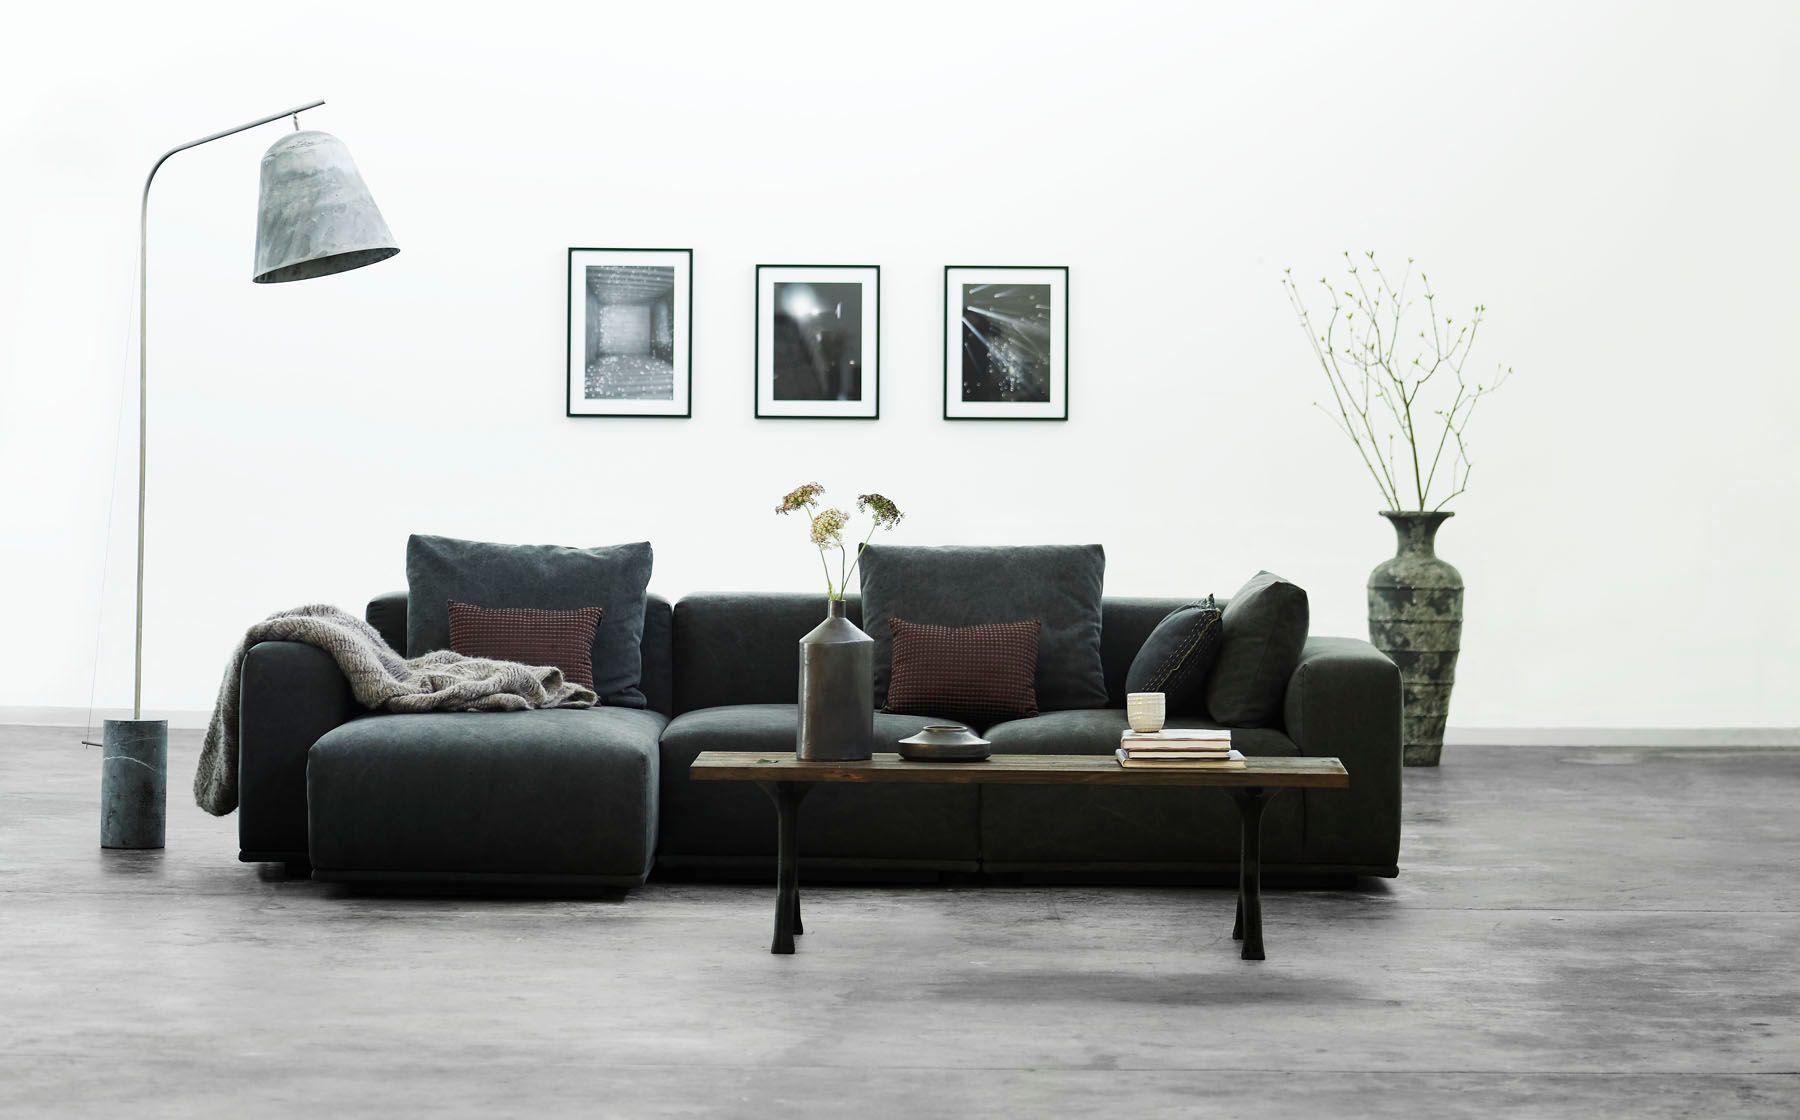 Skandinavisches Design | Designer Möbel | Messing Beistelltisch | Modernes  Design | Minimalismus Design | Minimalist Gallery